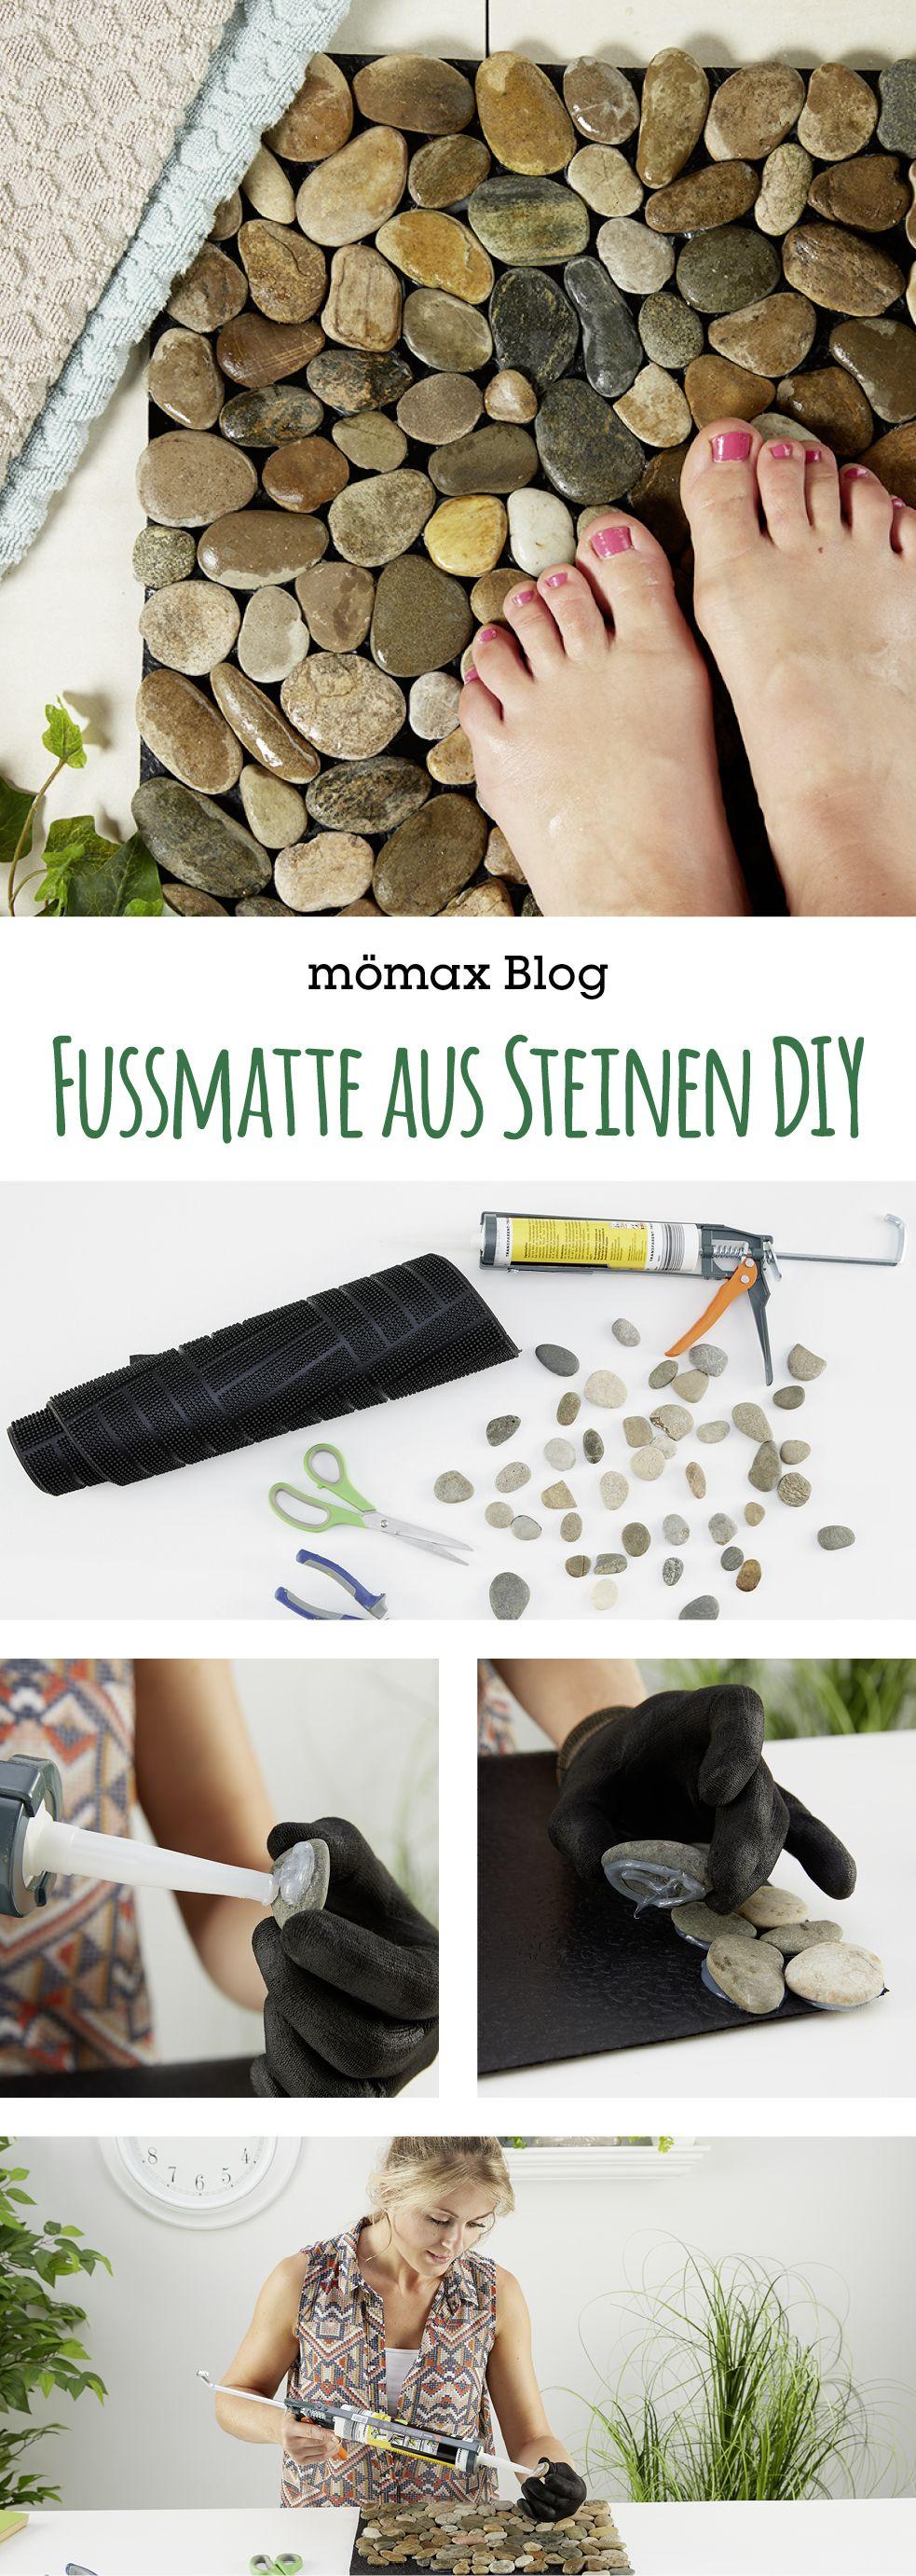 Fussmatte aus Steinen ganze einfach selber machen!  Anleitung am mömax Blog!